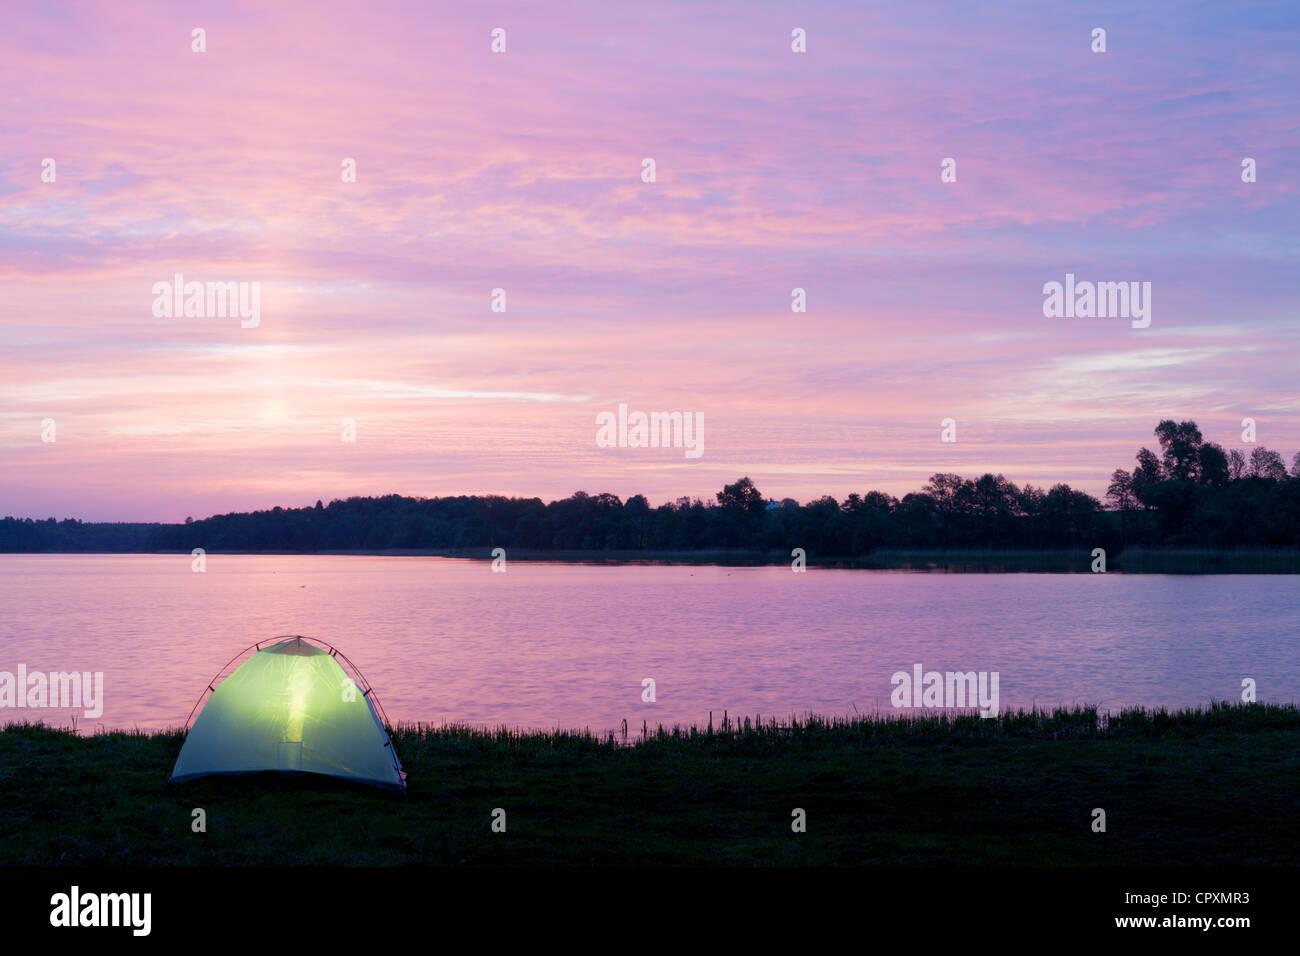 Camping at dawn - Stock Image